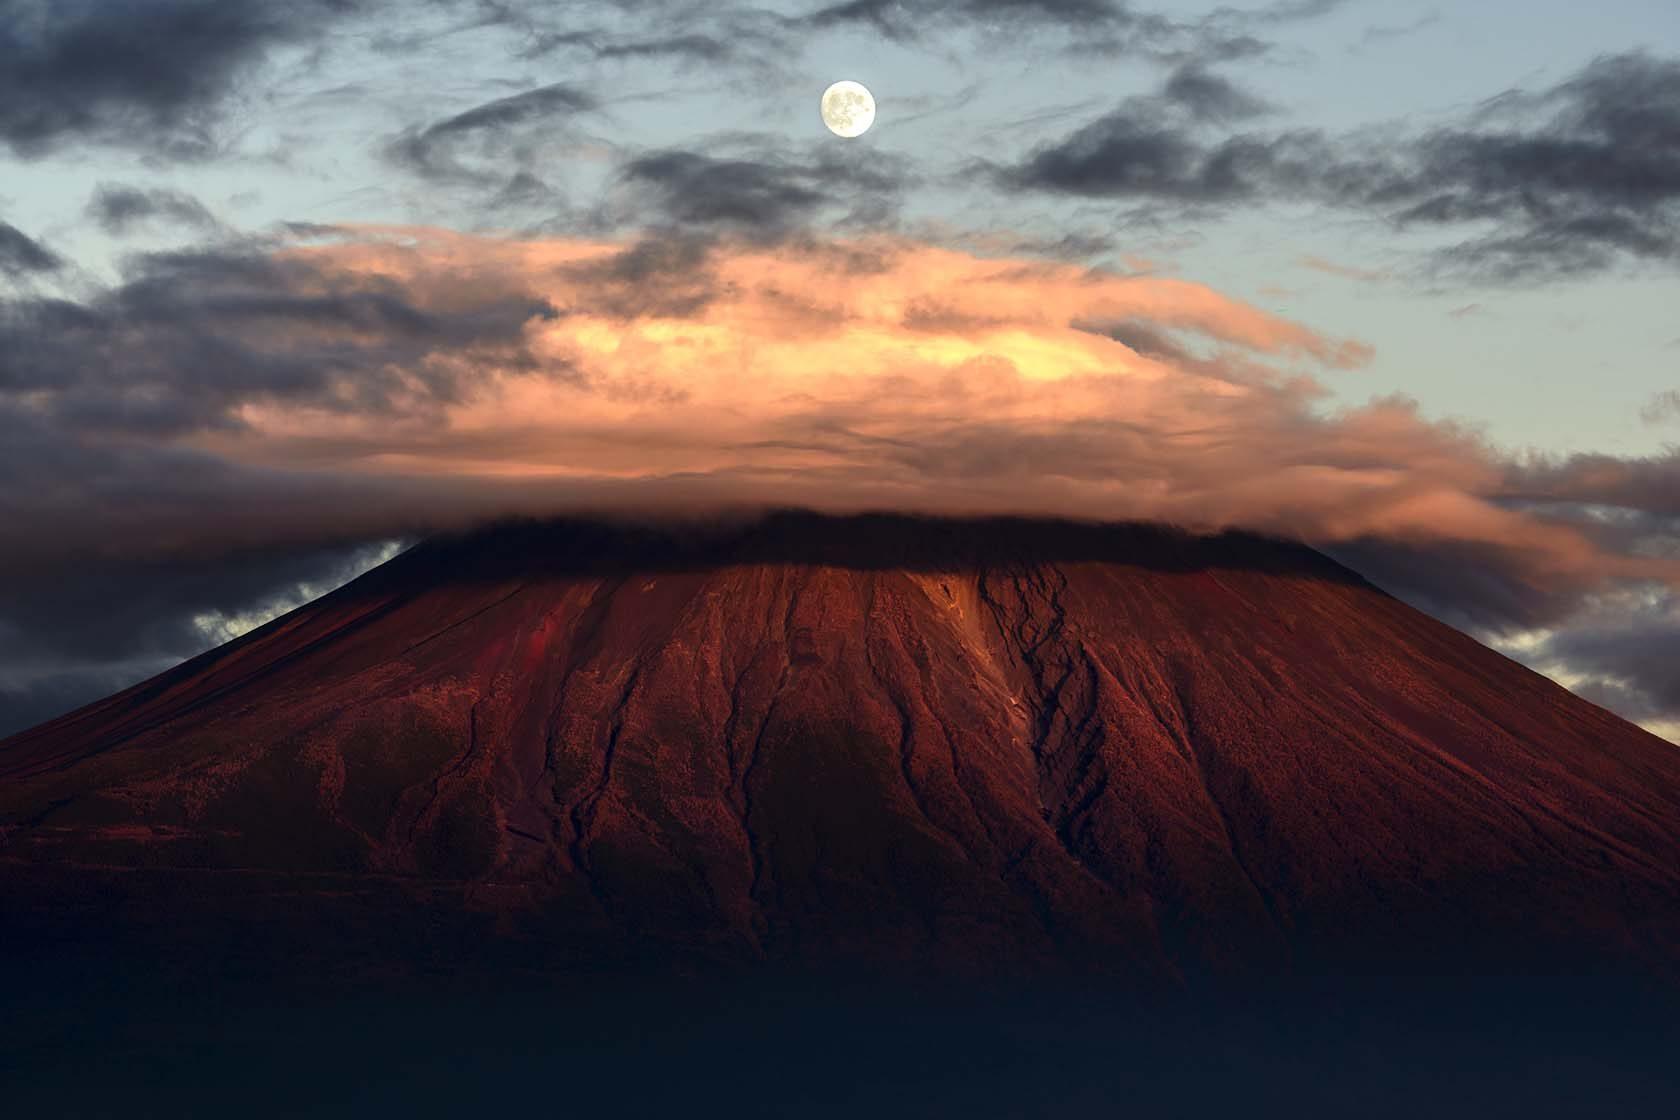 award winning sony world photography by takashi nakazawa